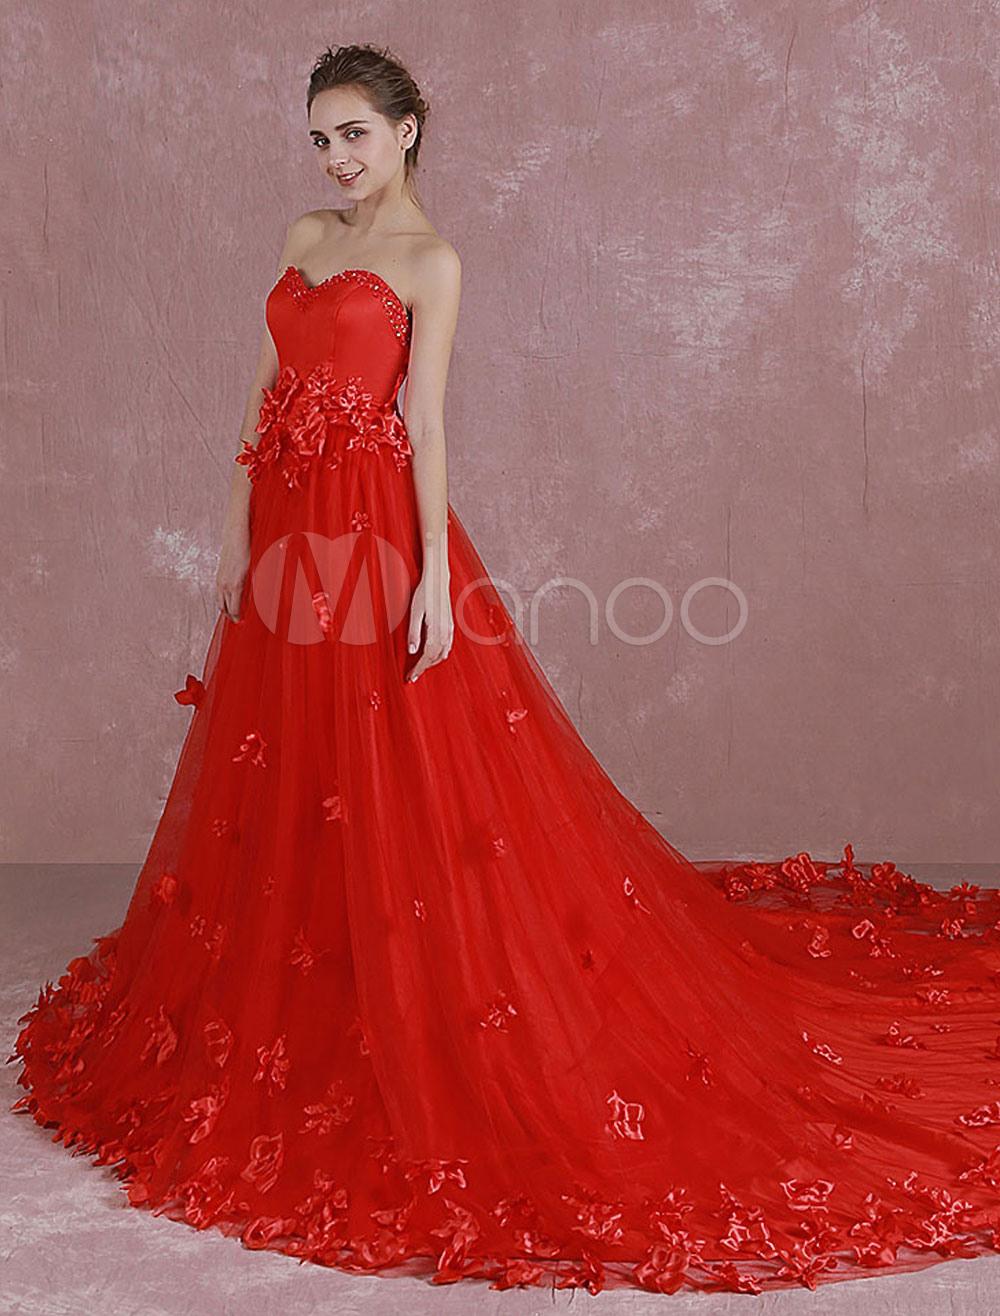 Rote Hochzeit Kleid Sweetheart Trägerlosen Pailletten Brautkleid 3D Blumen  Applikation Eine Linie Kathedrale Zug Abendkleid